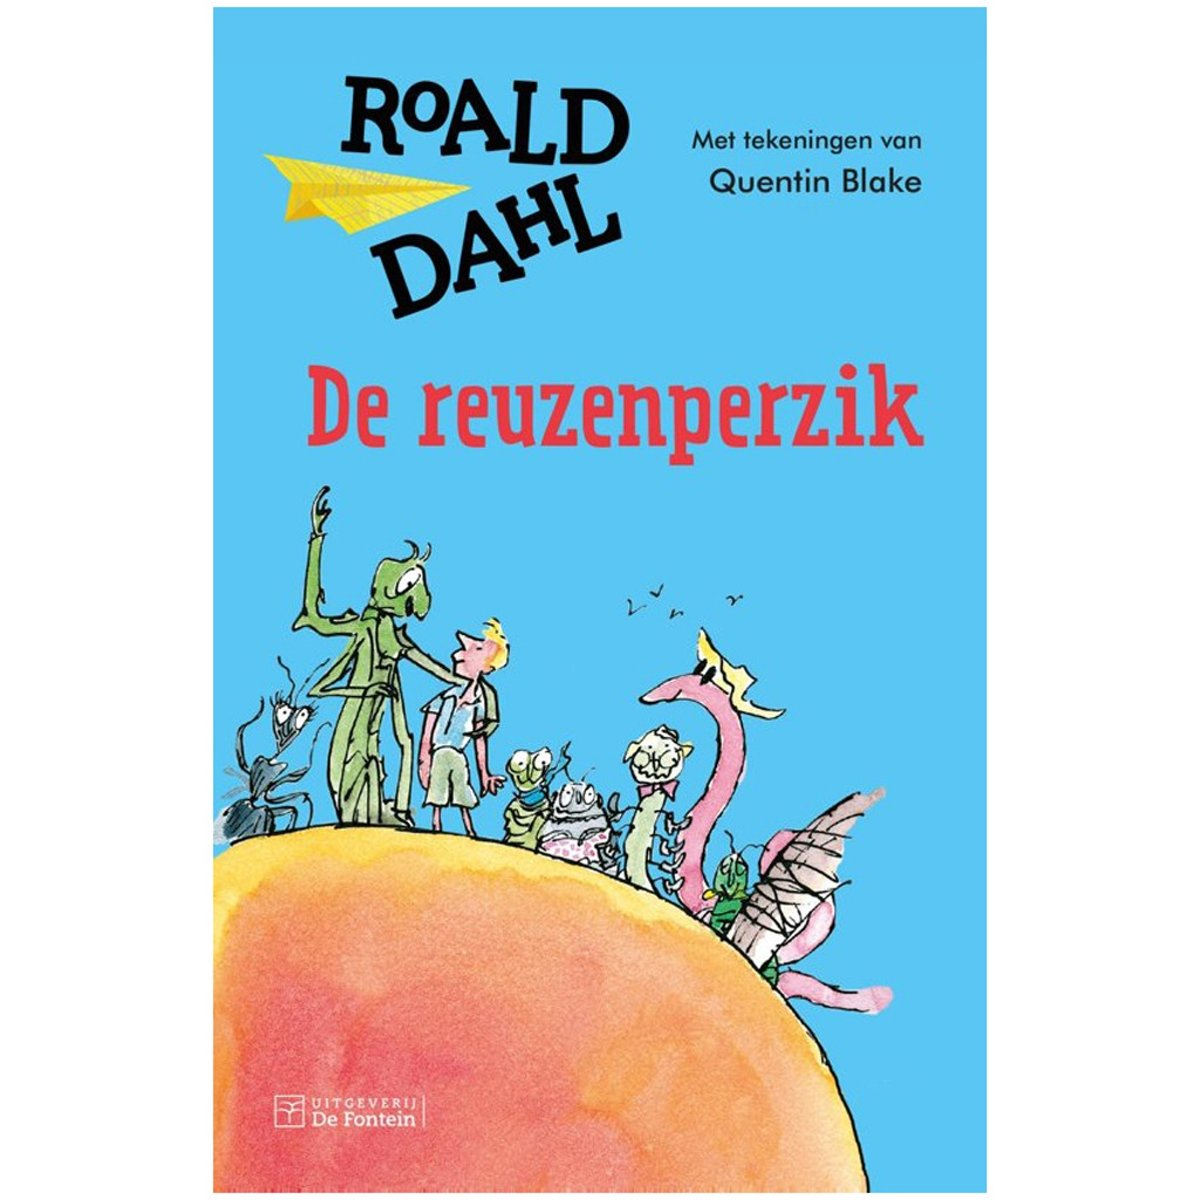 Afbeelding voor Boek Roald Dahl De Reuzenperzik Limited Edition